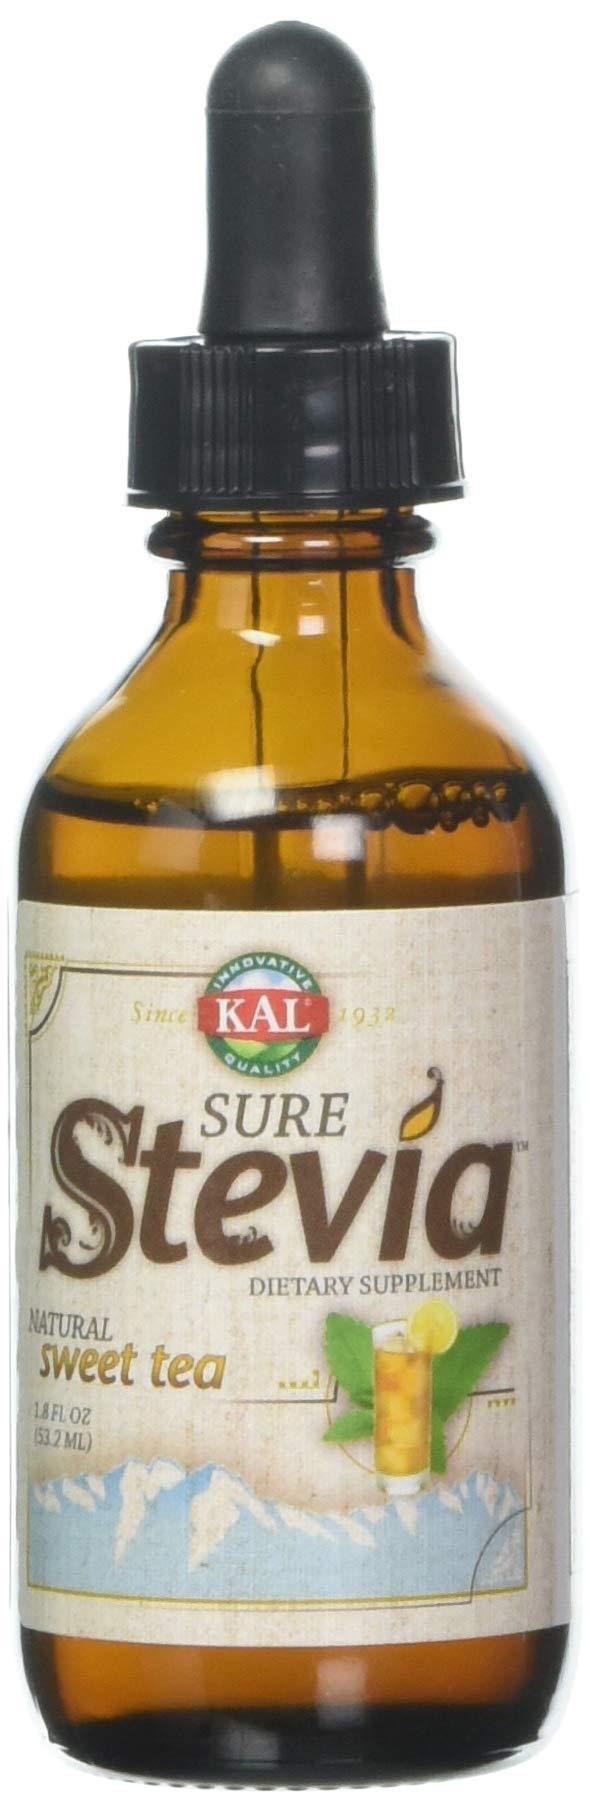 Kal Sure Stevia Extract, Sweet Tea, 1.8 Fluid Ounce